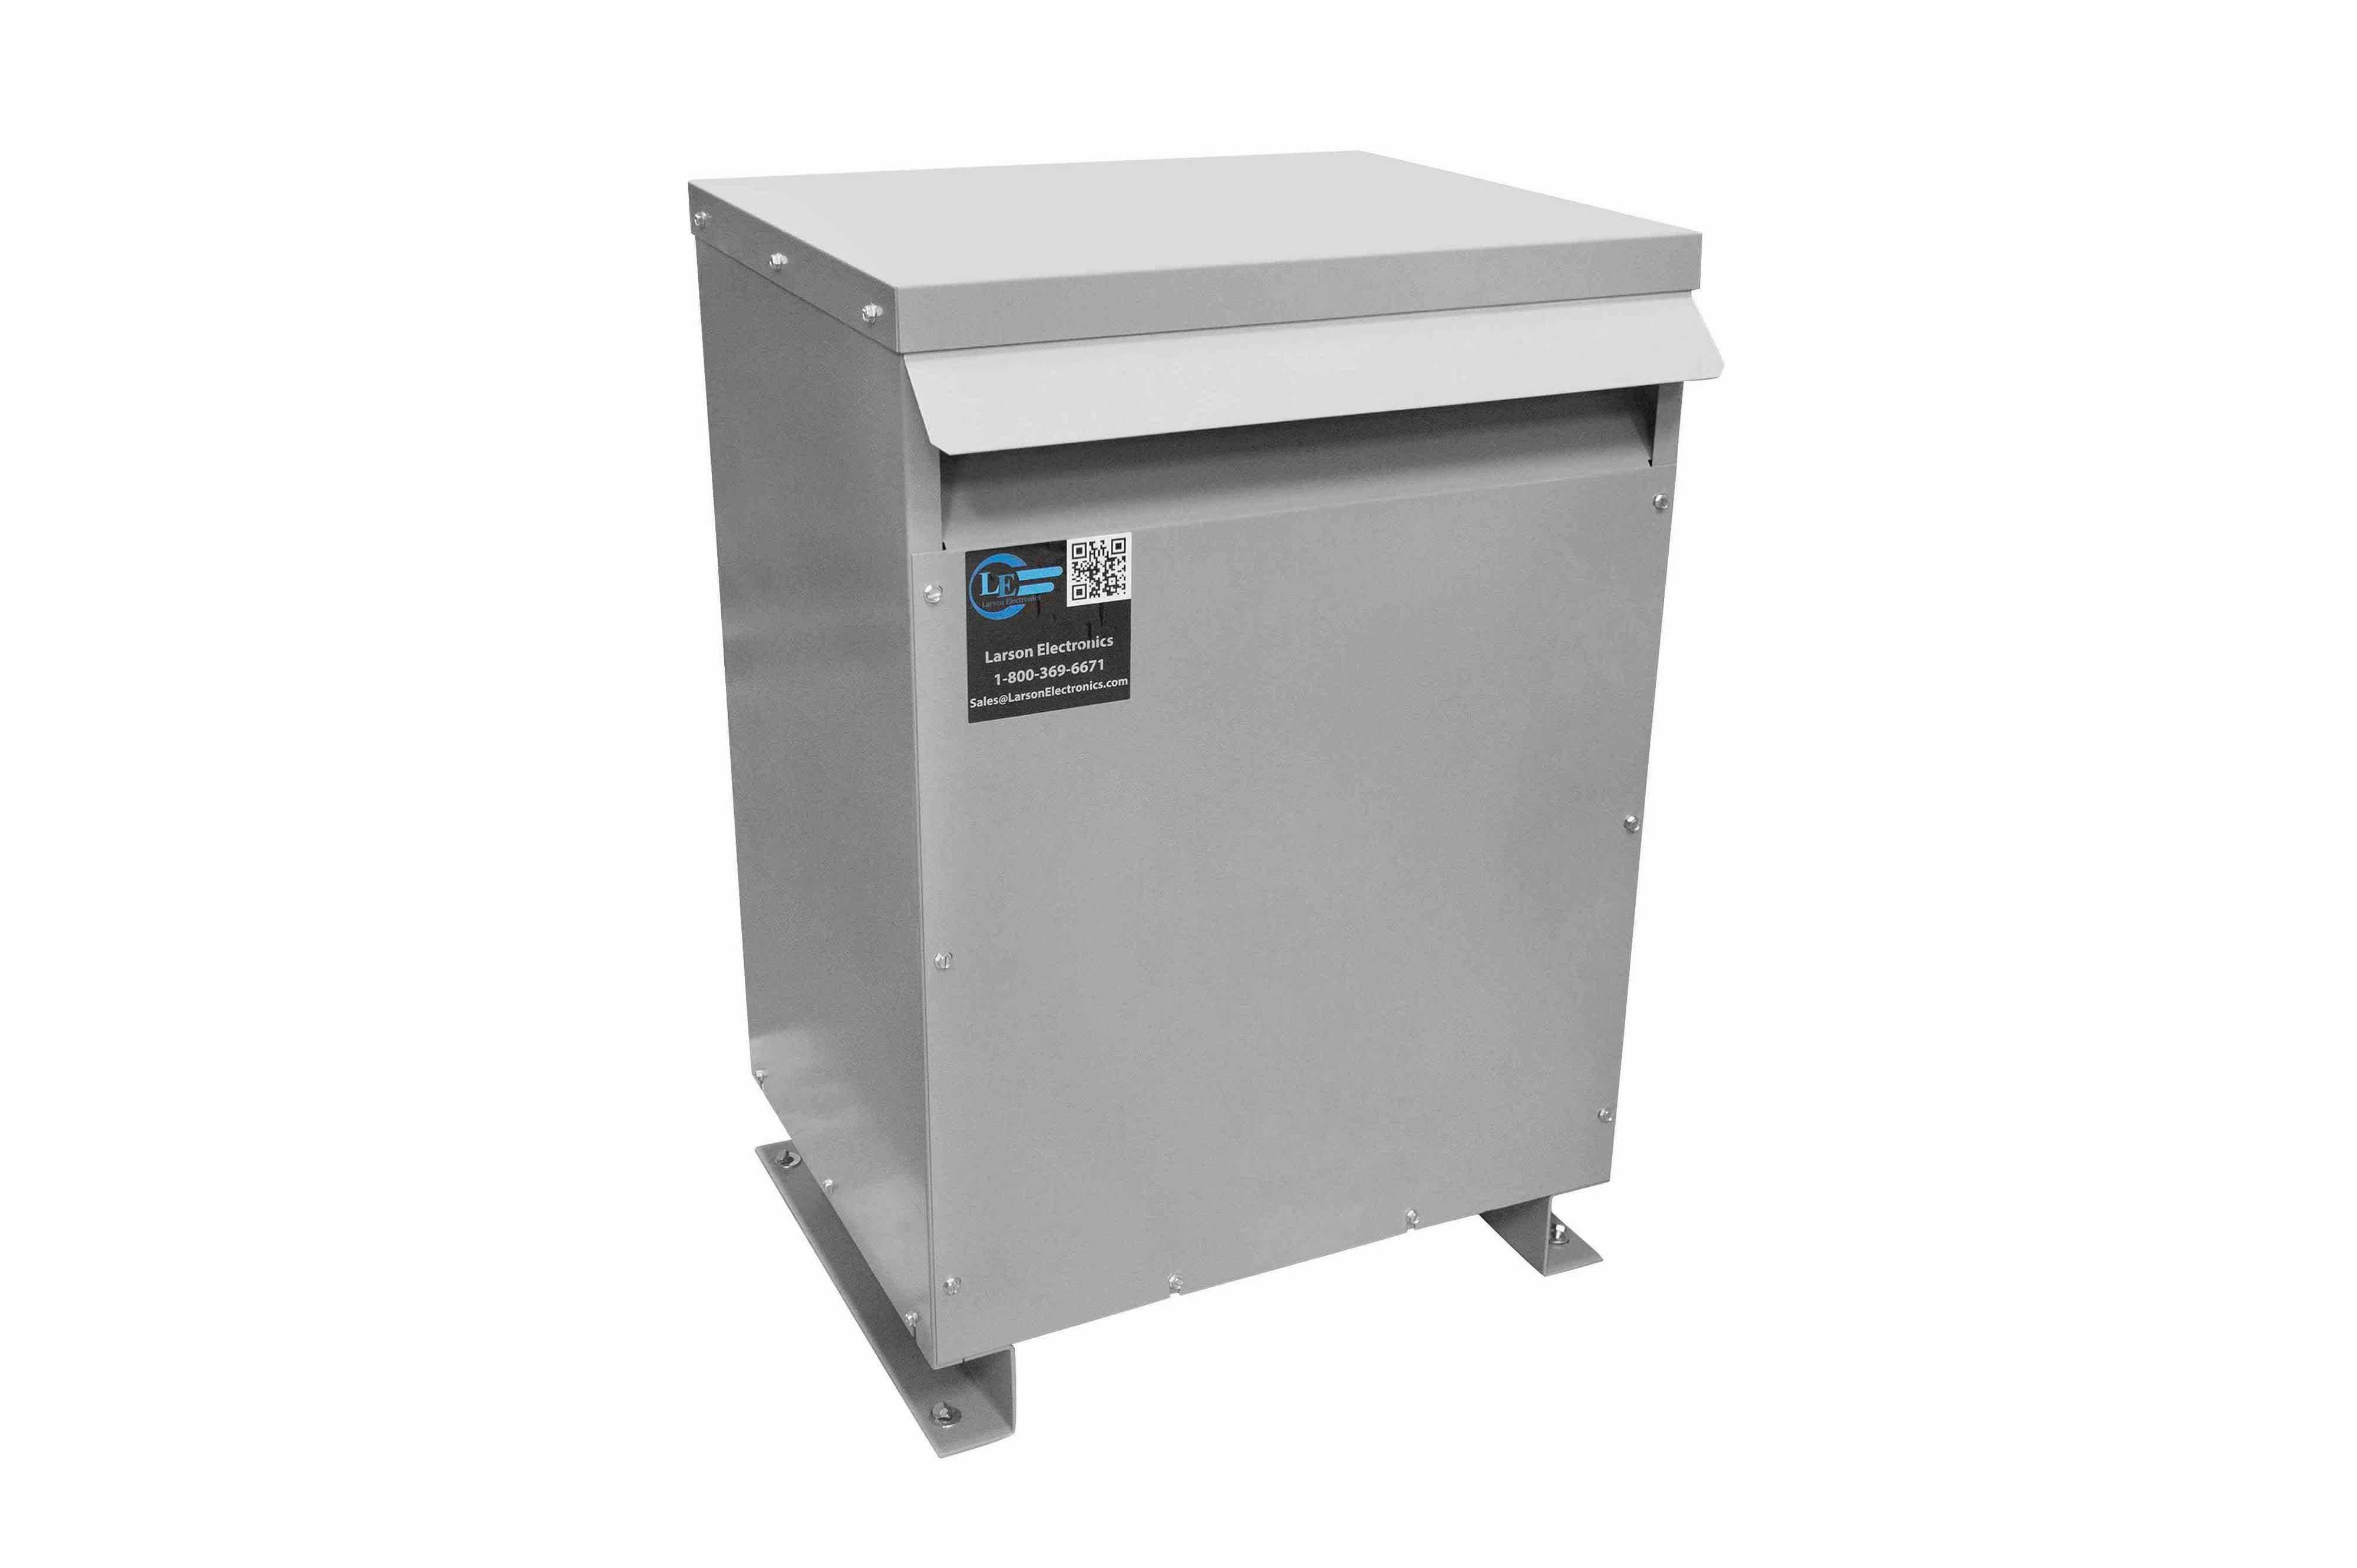 18 kVA 3PH Isolation Transformer, 230V Delta Primary, 480V Delta Secondary, N3R, Ventilated, 60 Hz